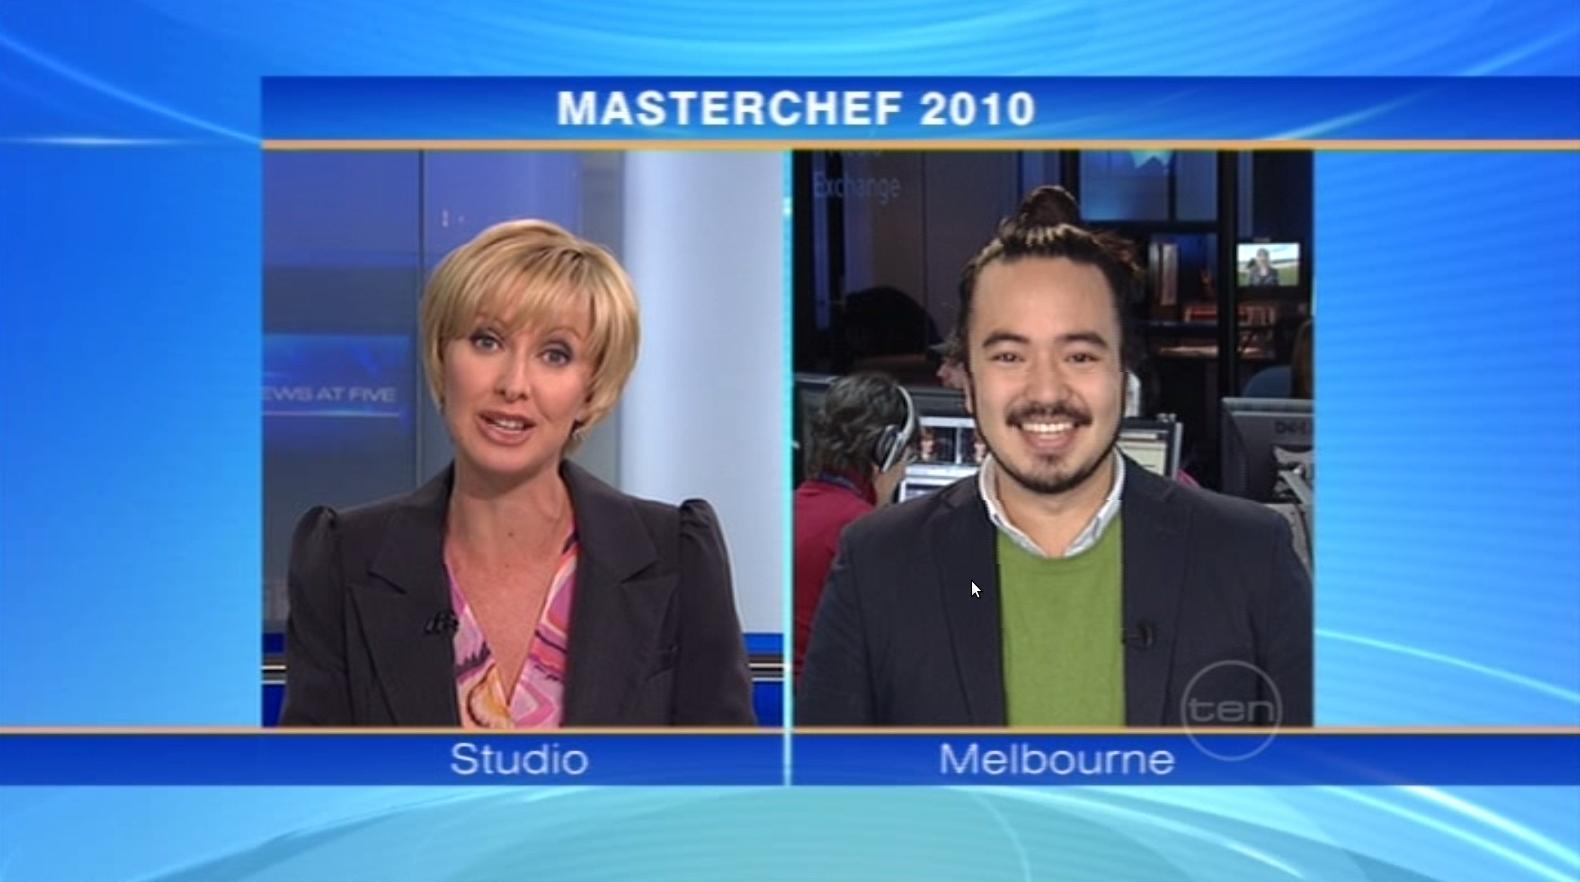 Masterchef winner on Channel 10 News